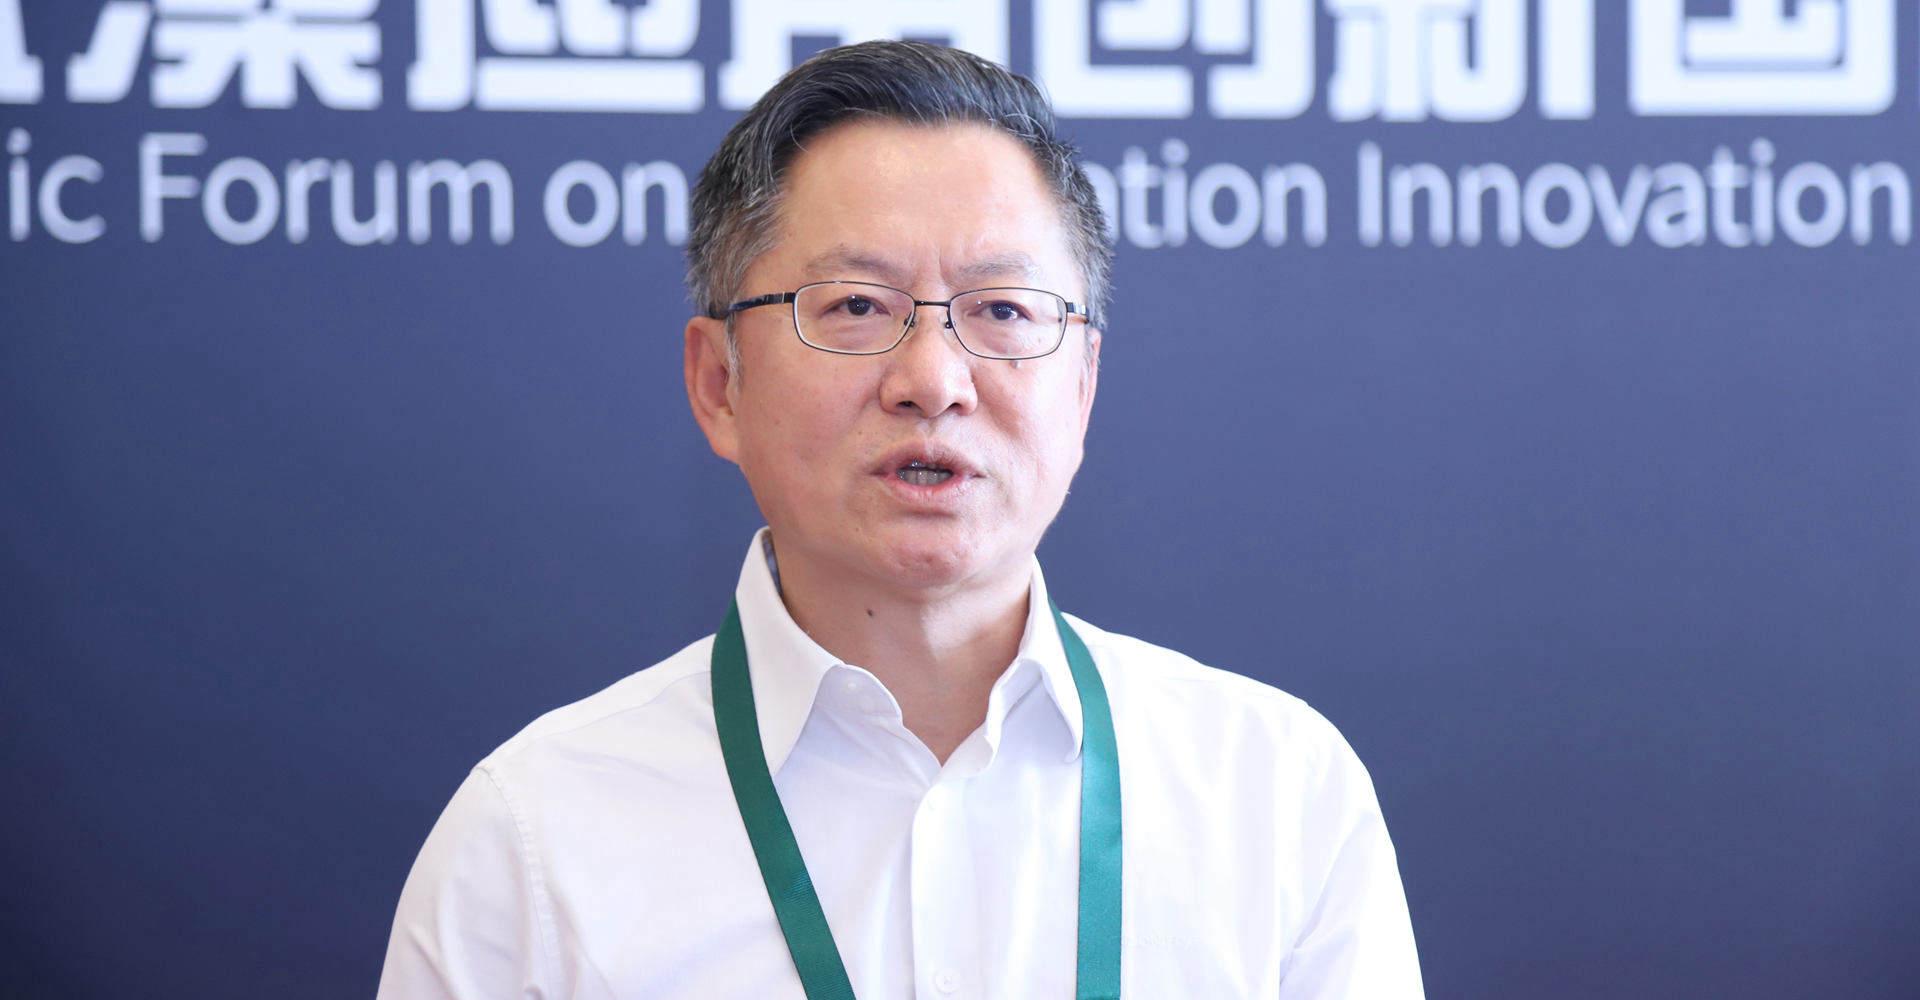 国际食品科学院院士、深圳大学高等研究院院长陈峰教授接受采访